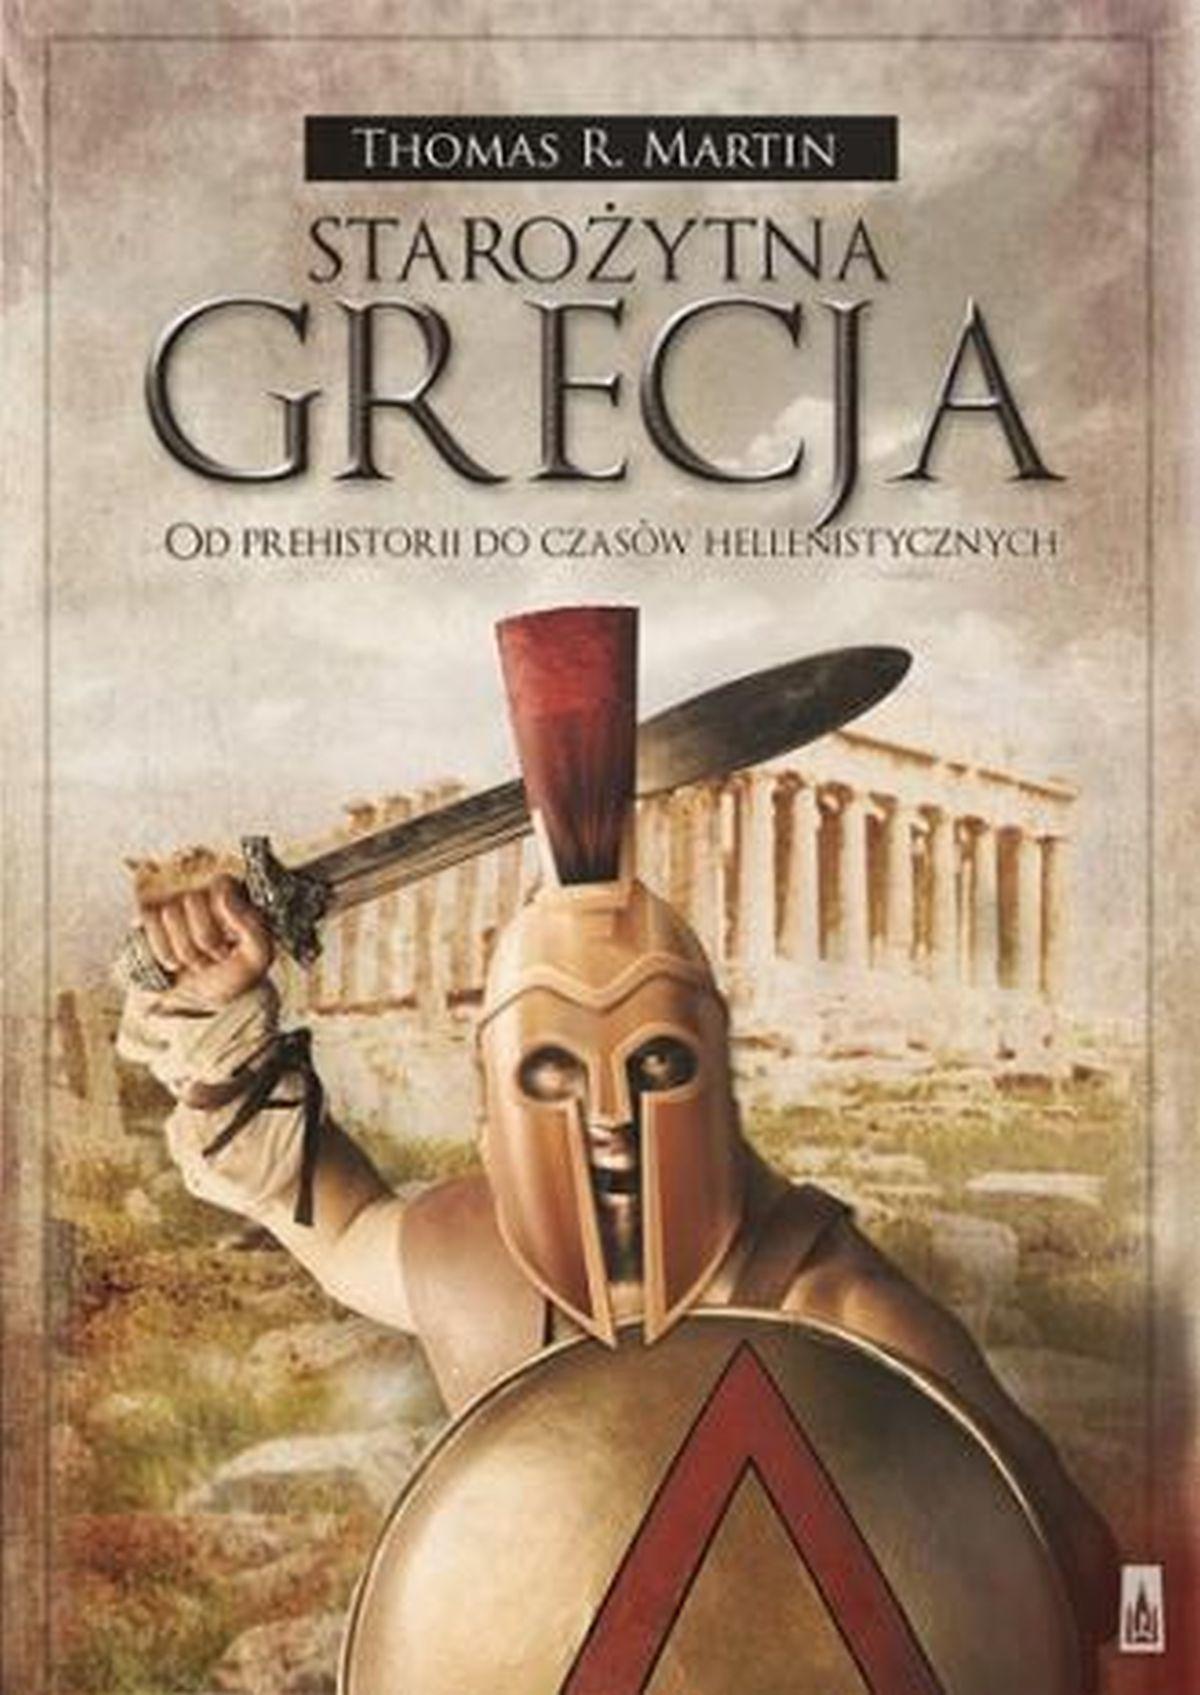 Thomas R. Martin, Starożytna Grecja. Od prehistorii do czasów hellenistycznych